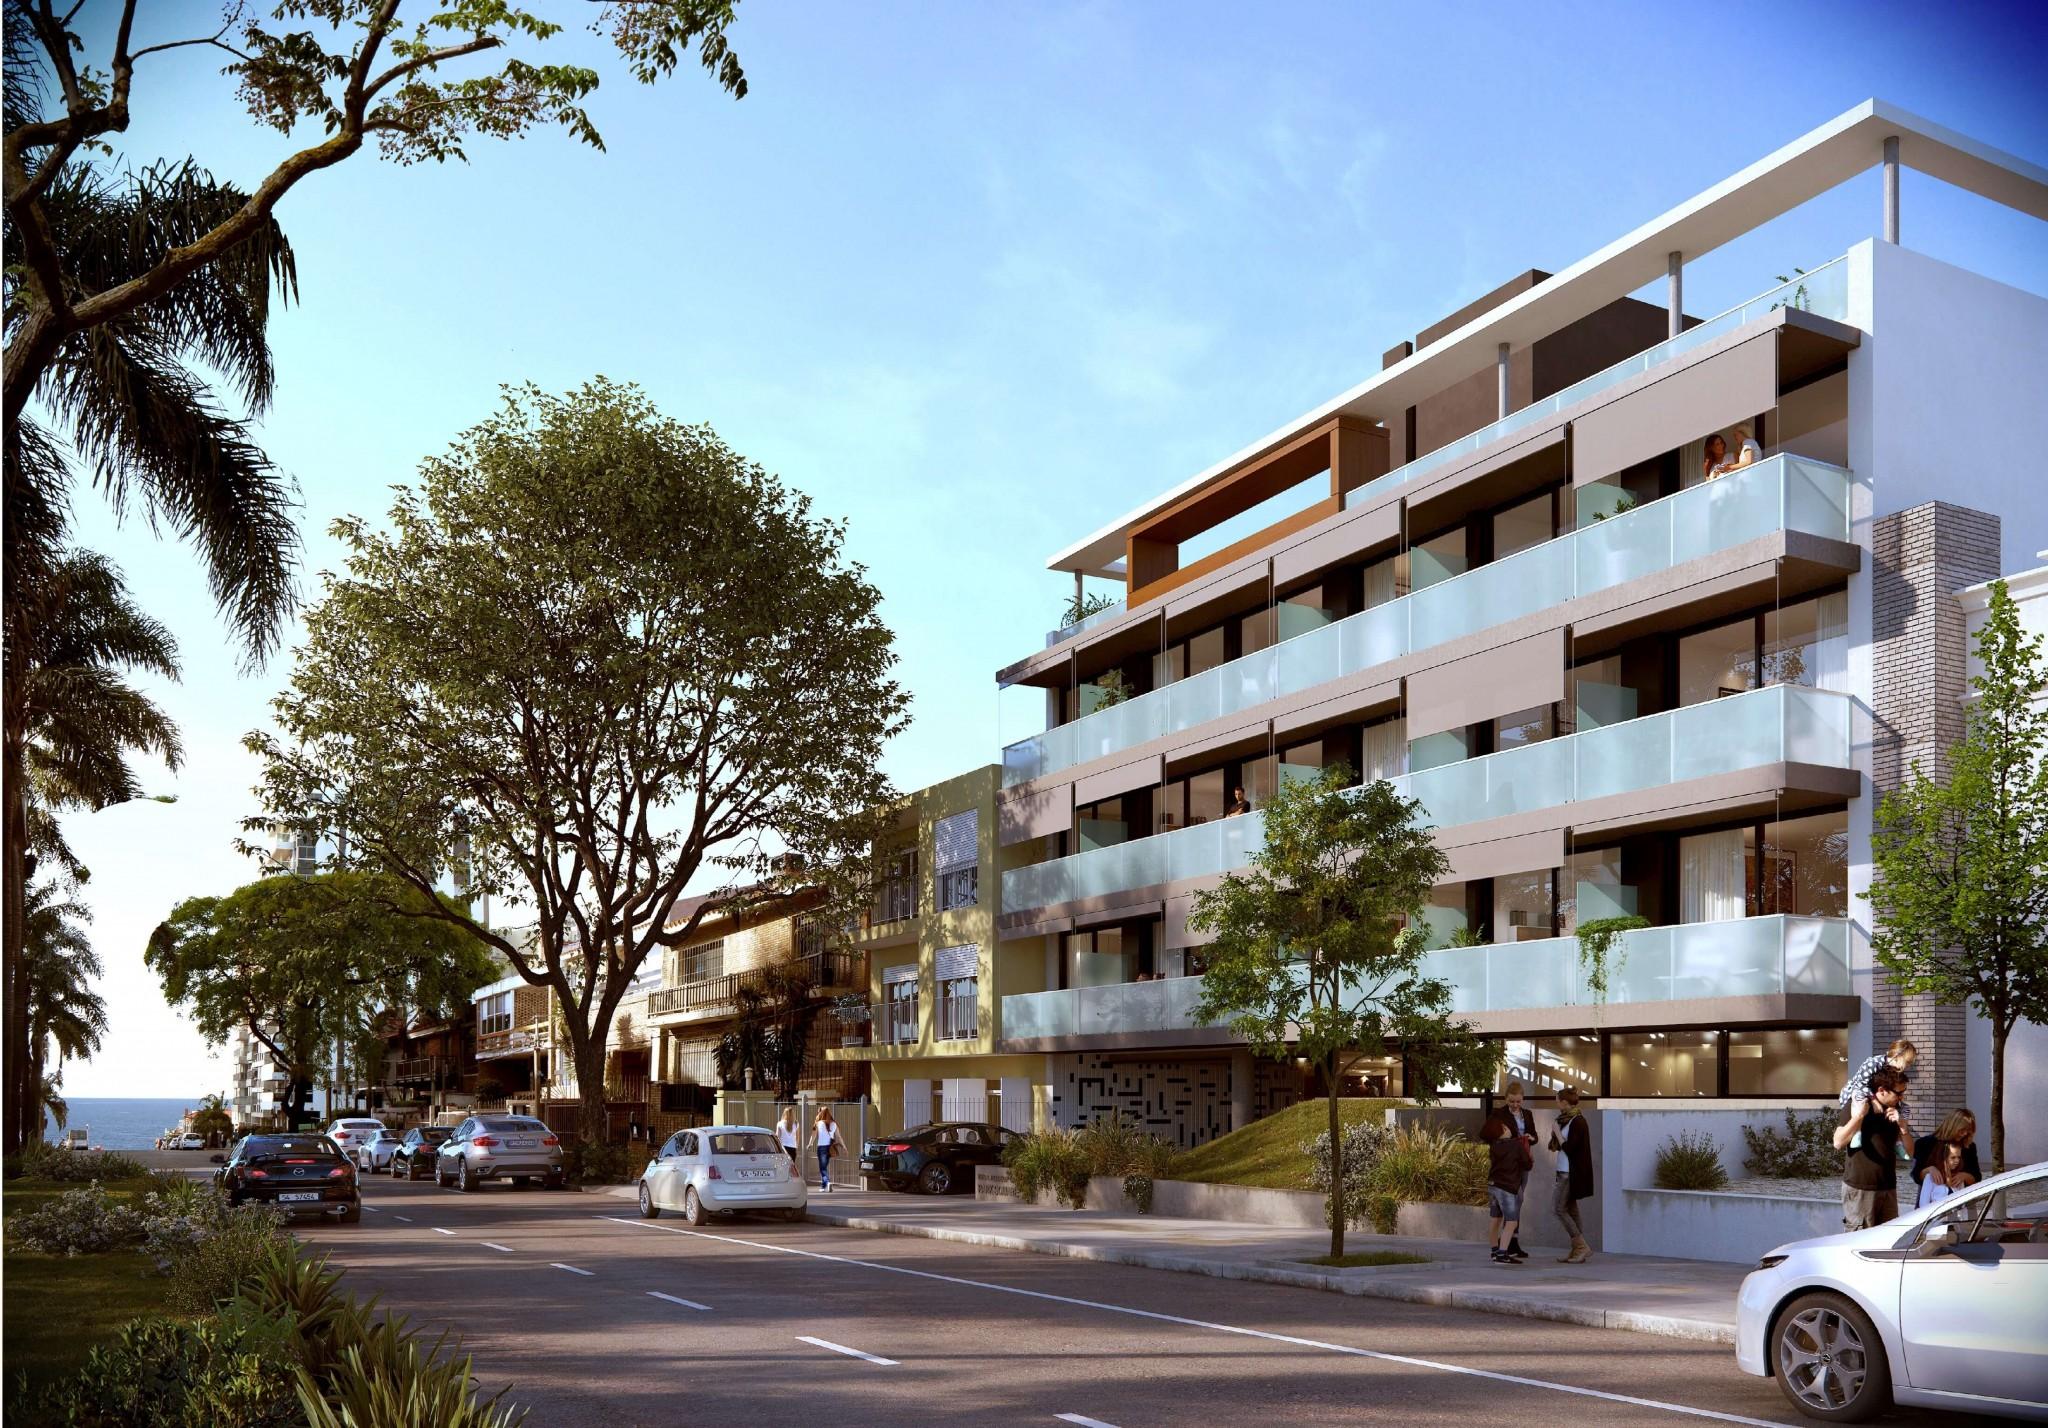 Cesiolveira estudio de arquitectos - Estudio de arquitectos ...